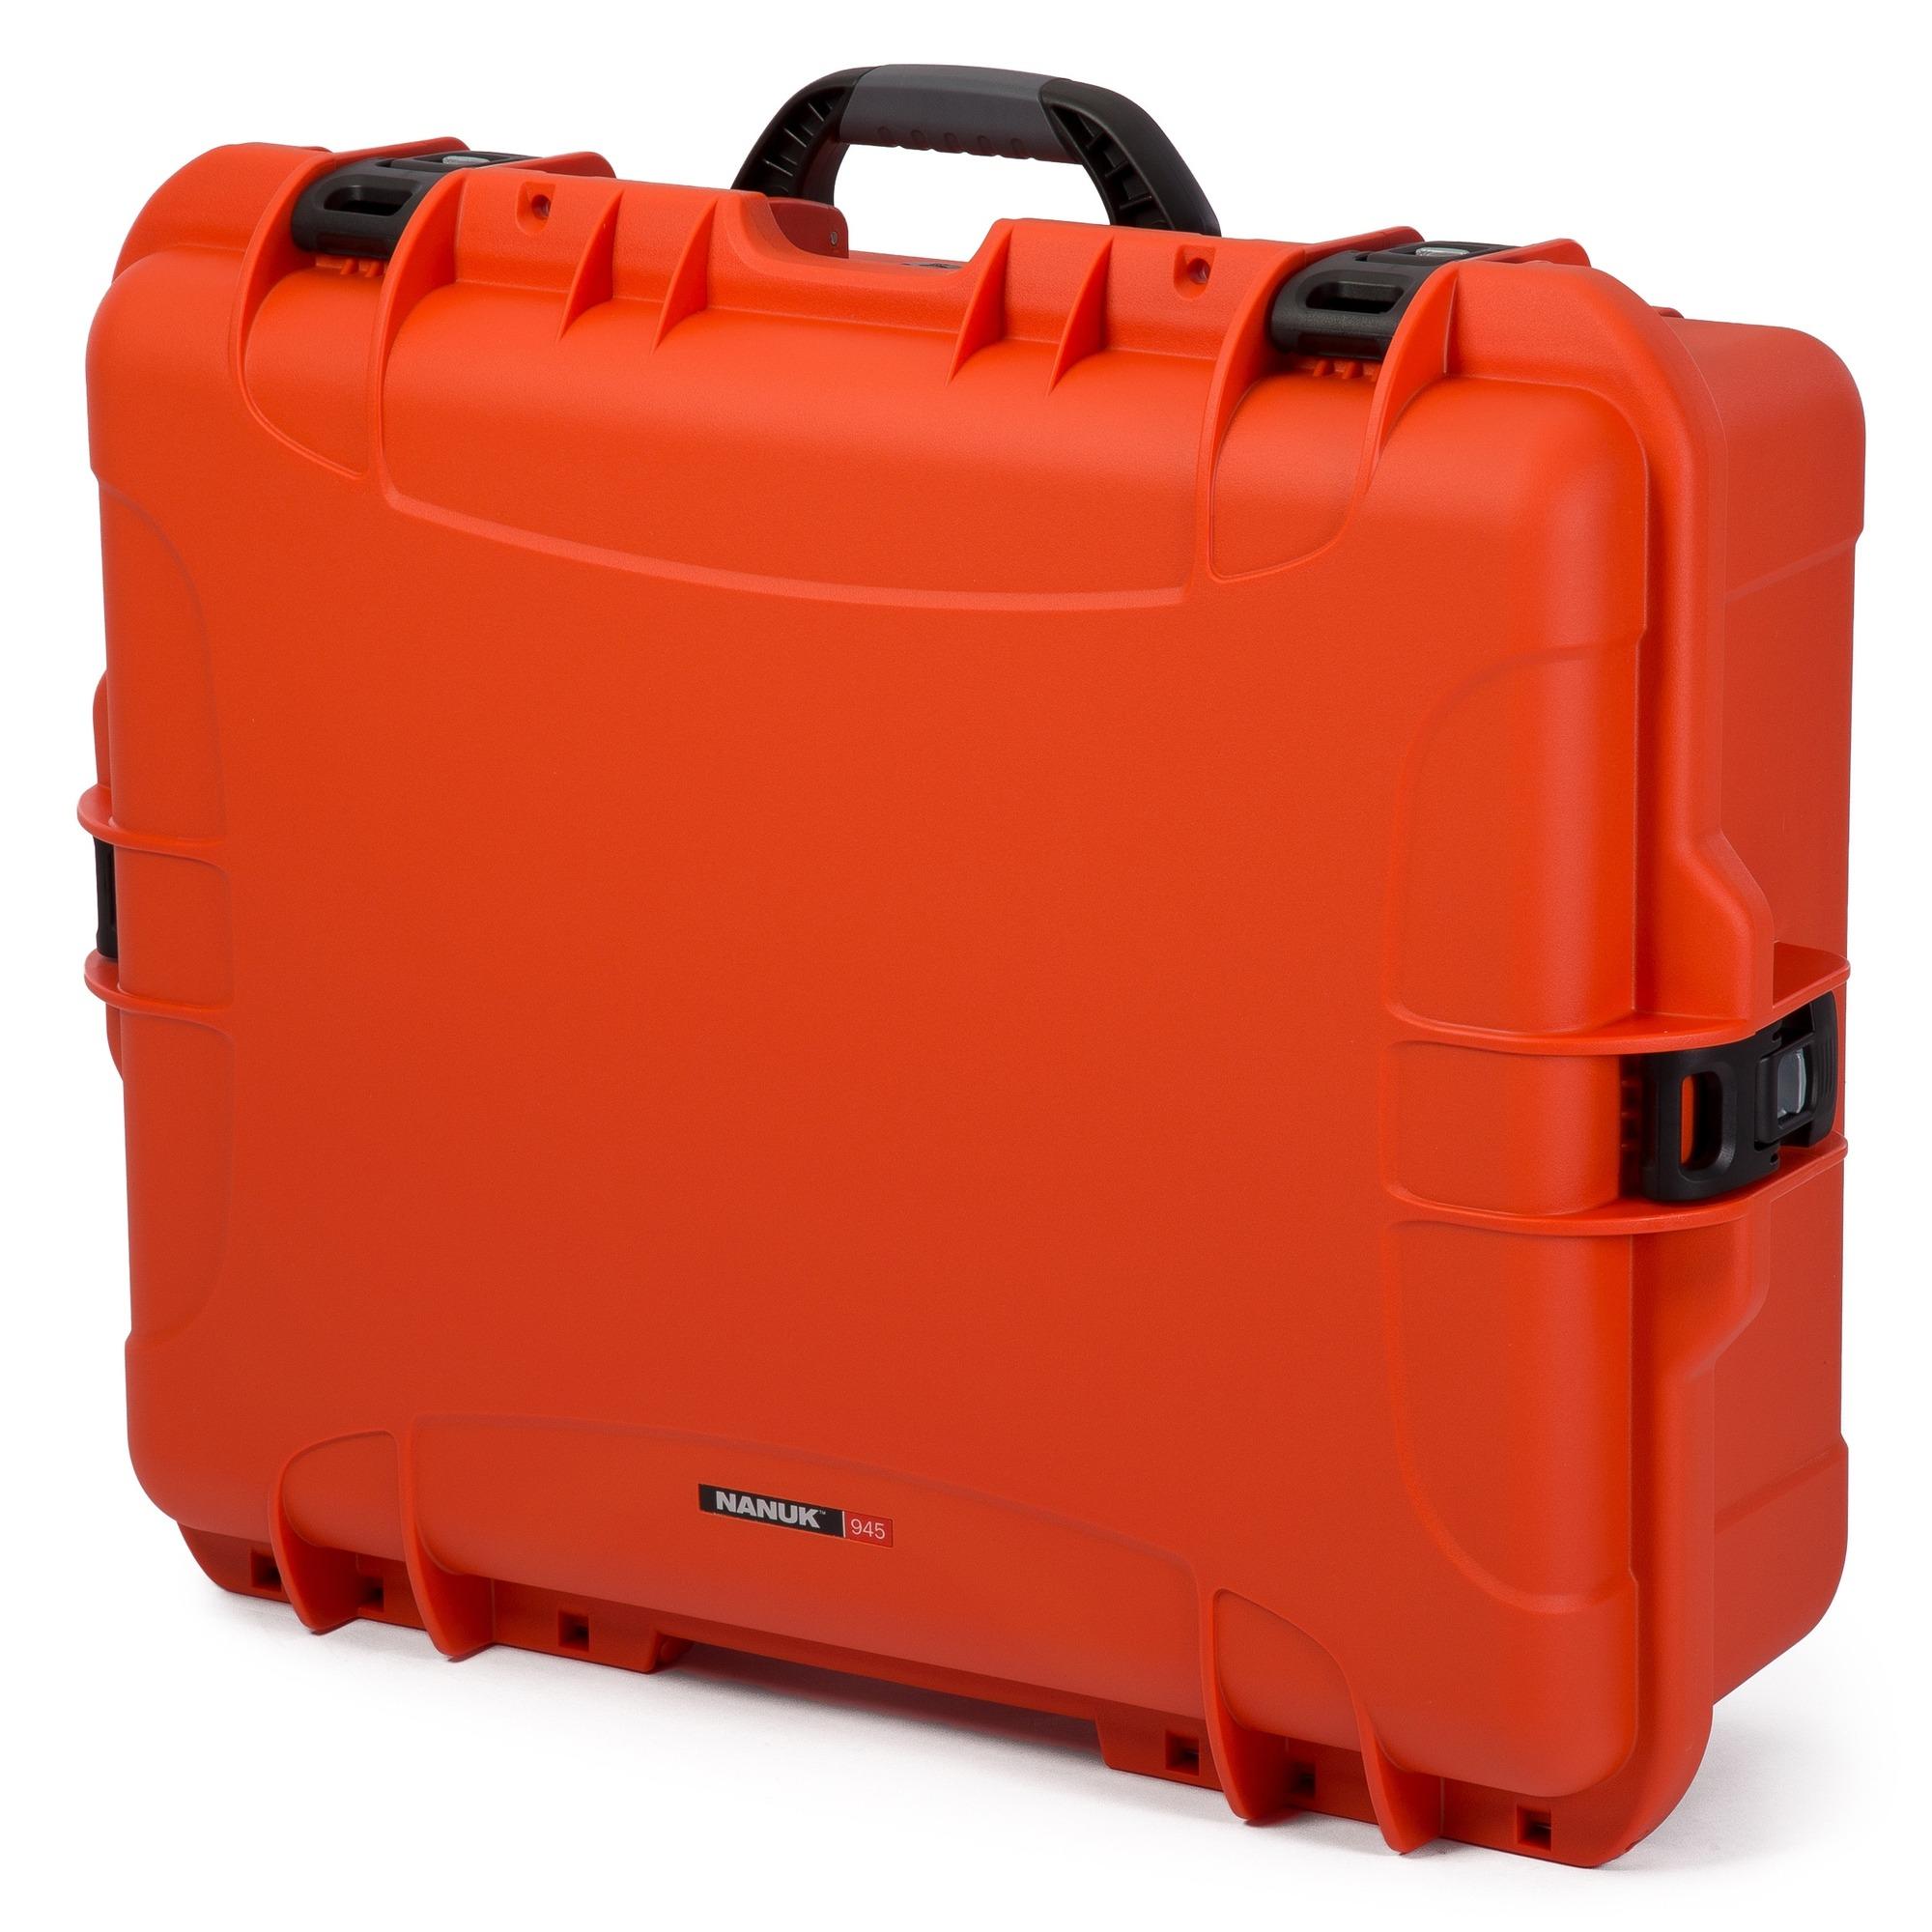 Nanuk 945 – Orange